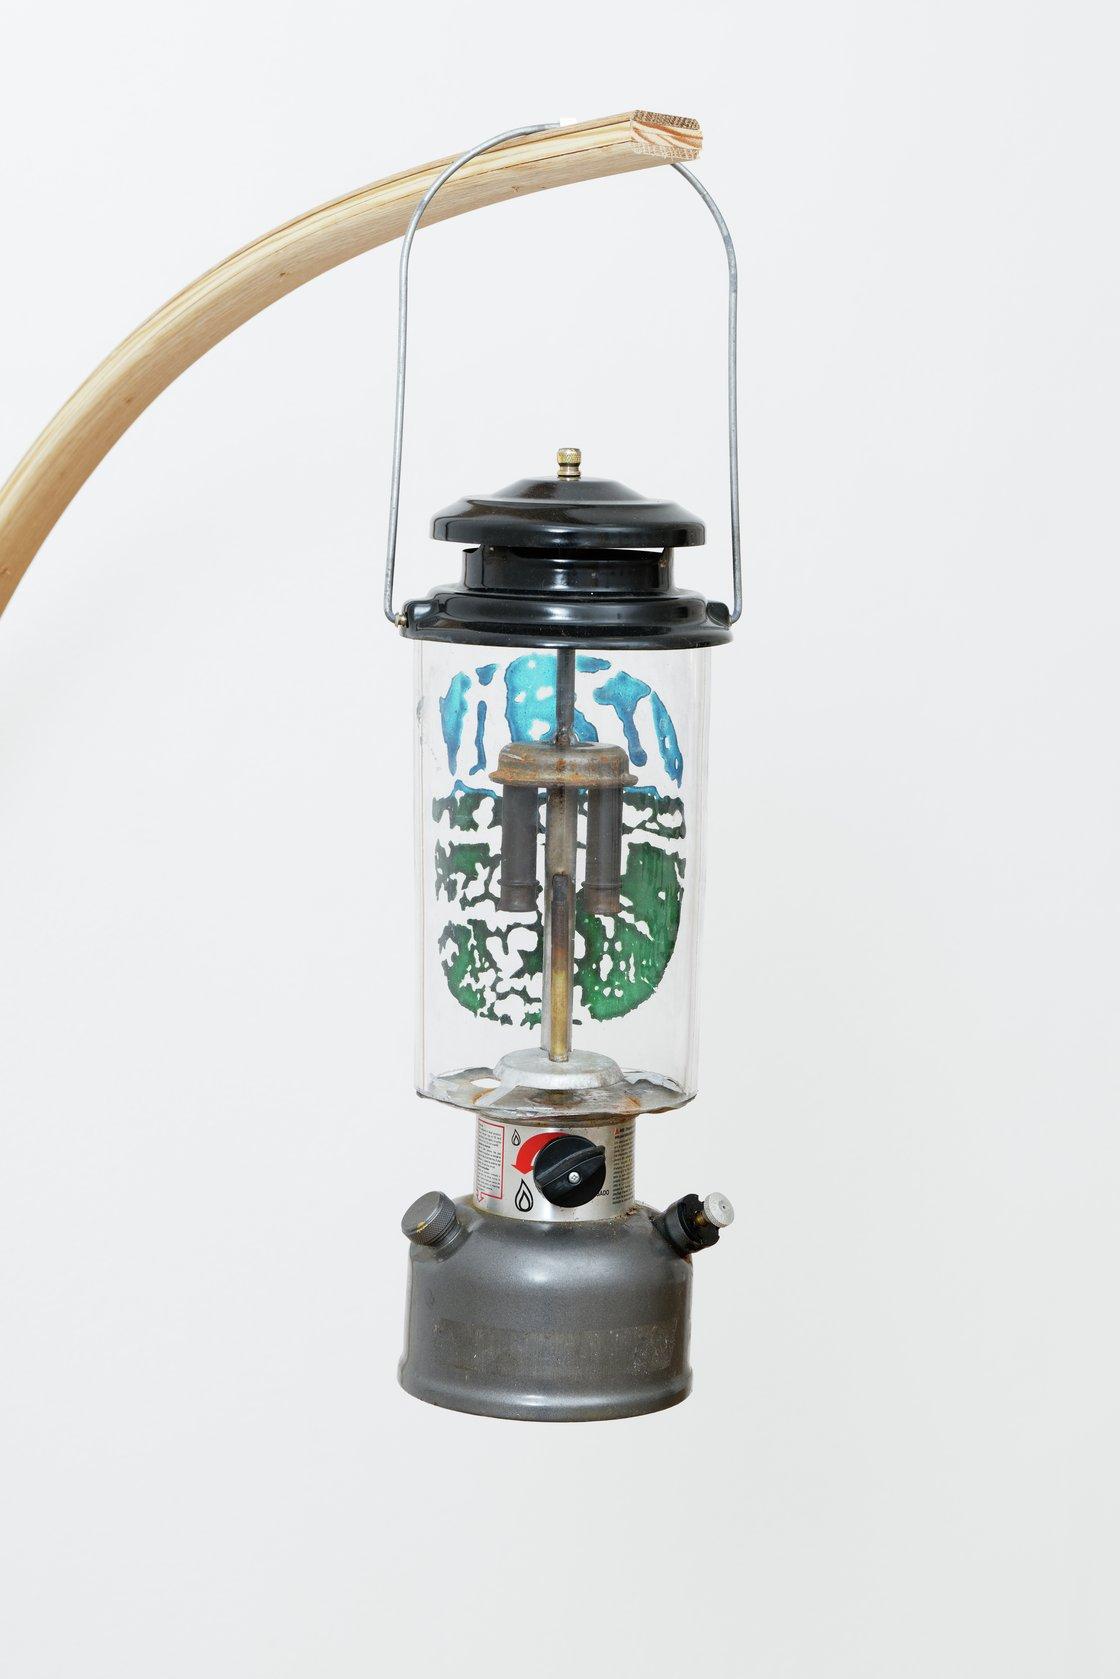 Oscar Tuazon, Gas Lamp, 2021